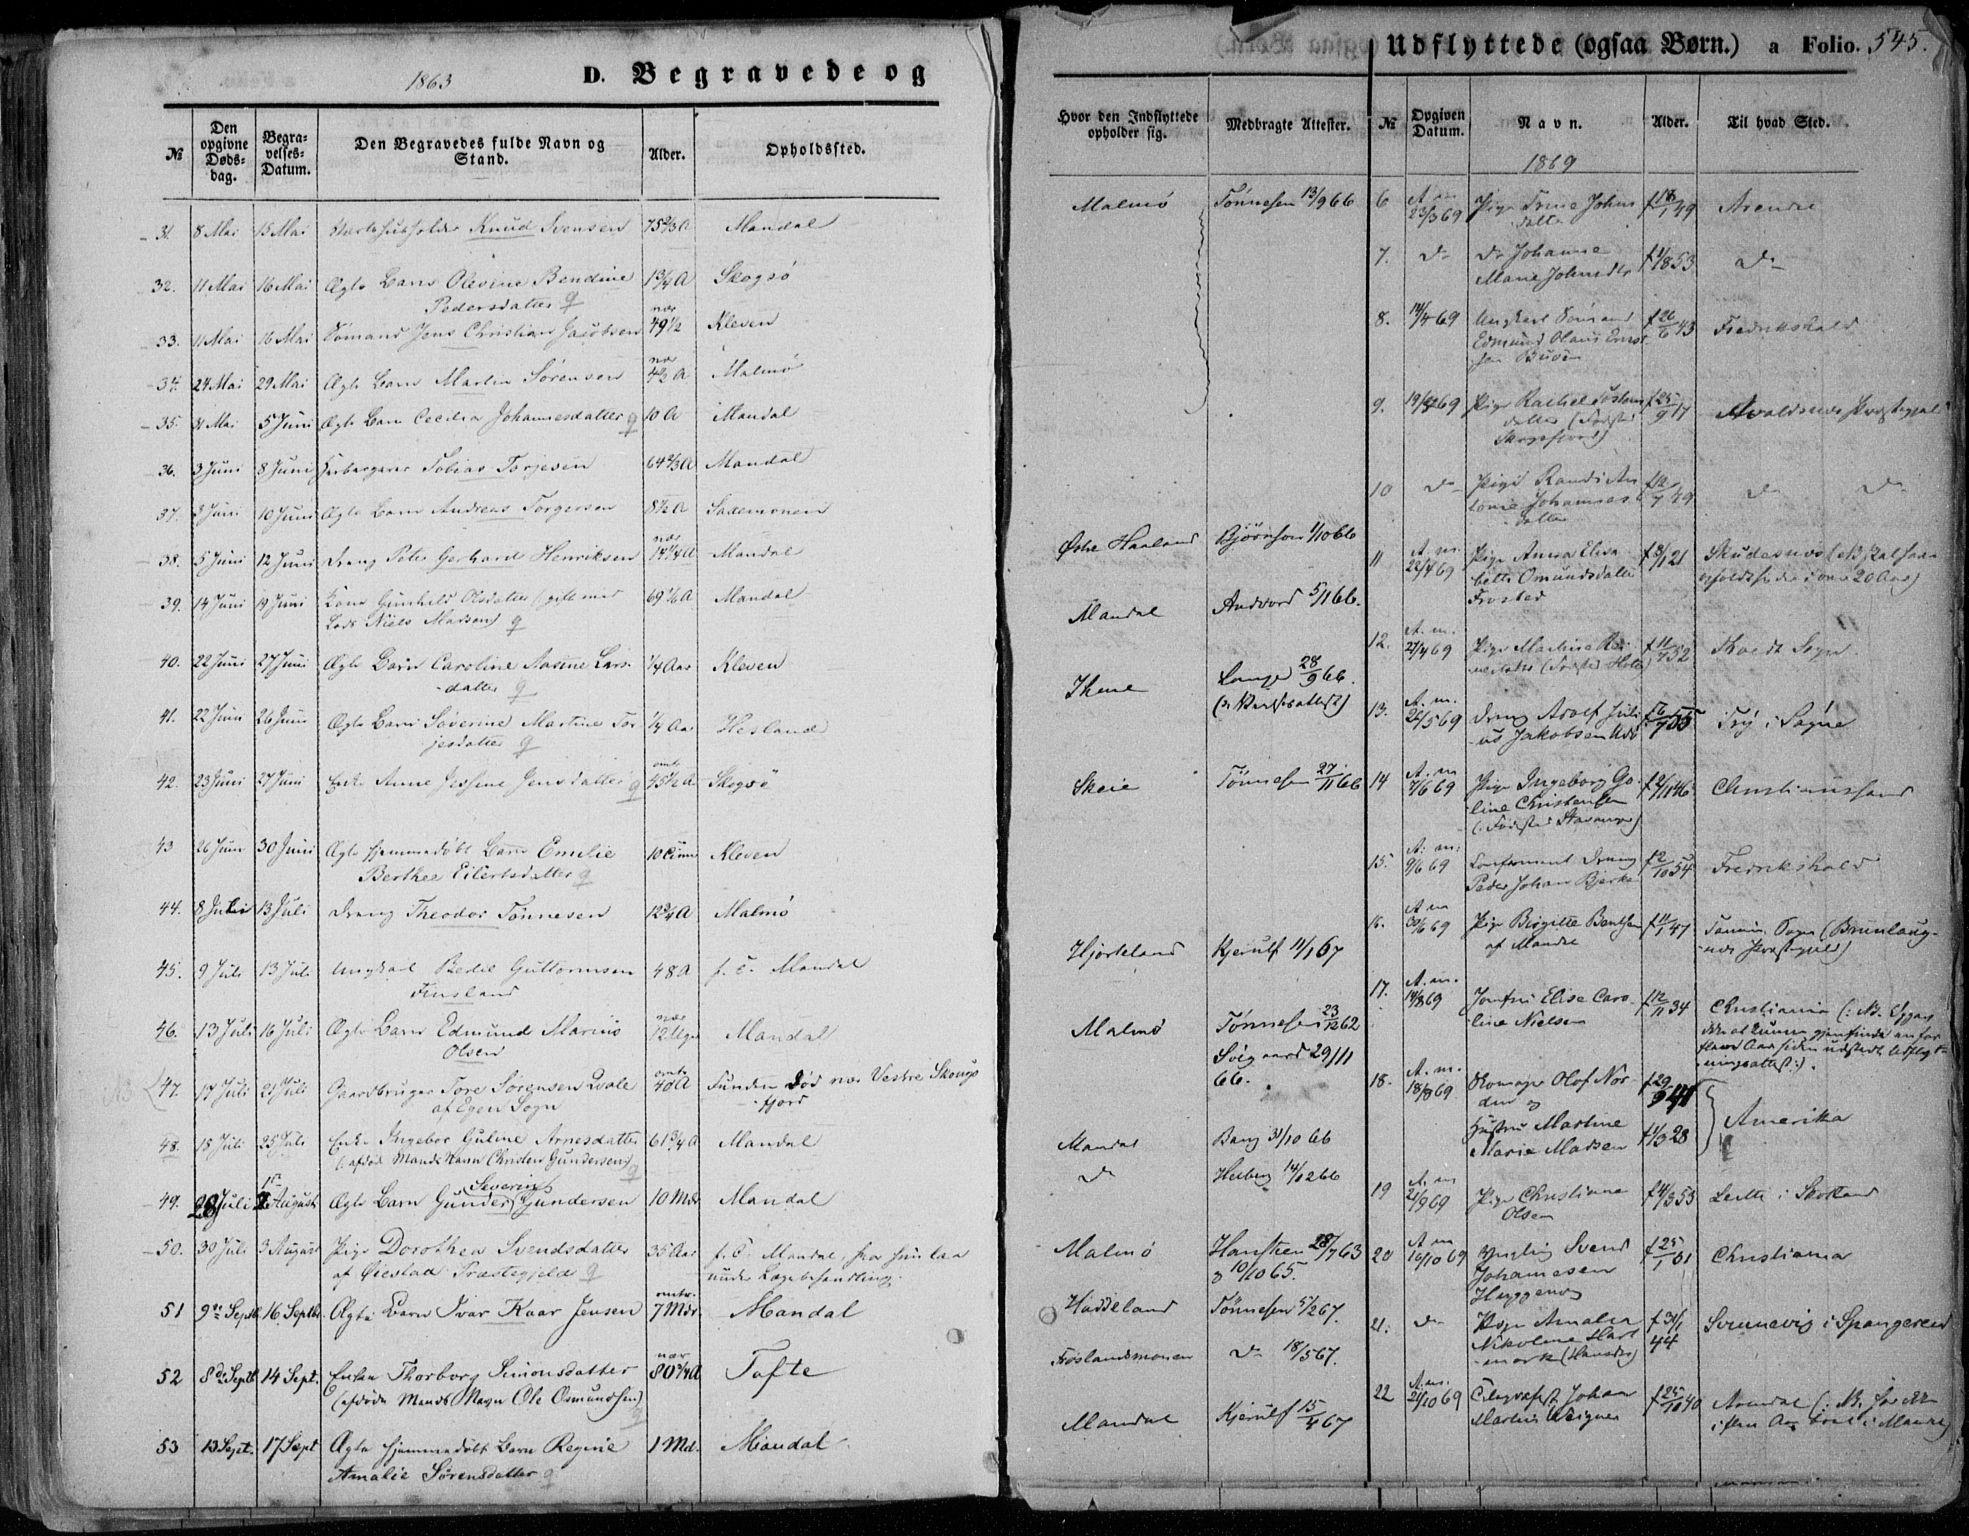 SAK, Mandal sokneprestkontor, F/Fa/Faa/L0014: Ministerialbok nr. A 14, 1859-1872, s. 545